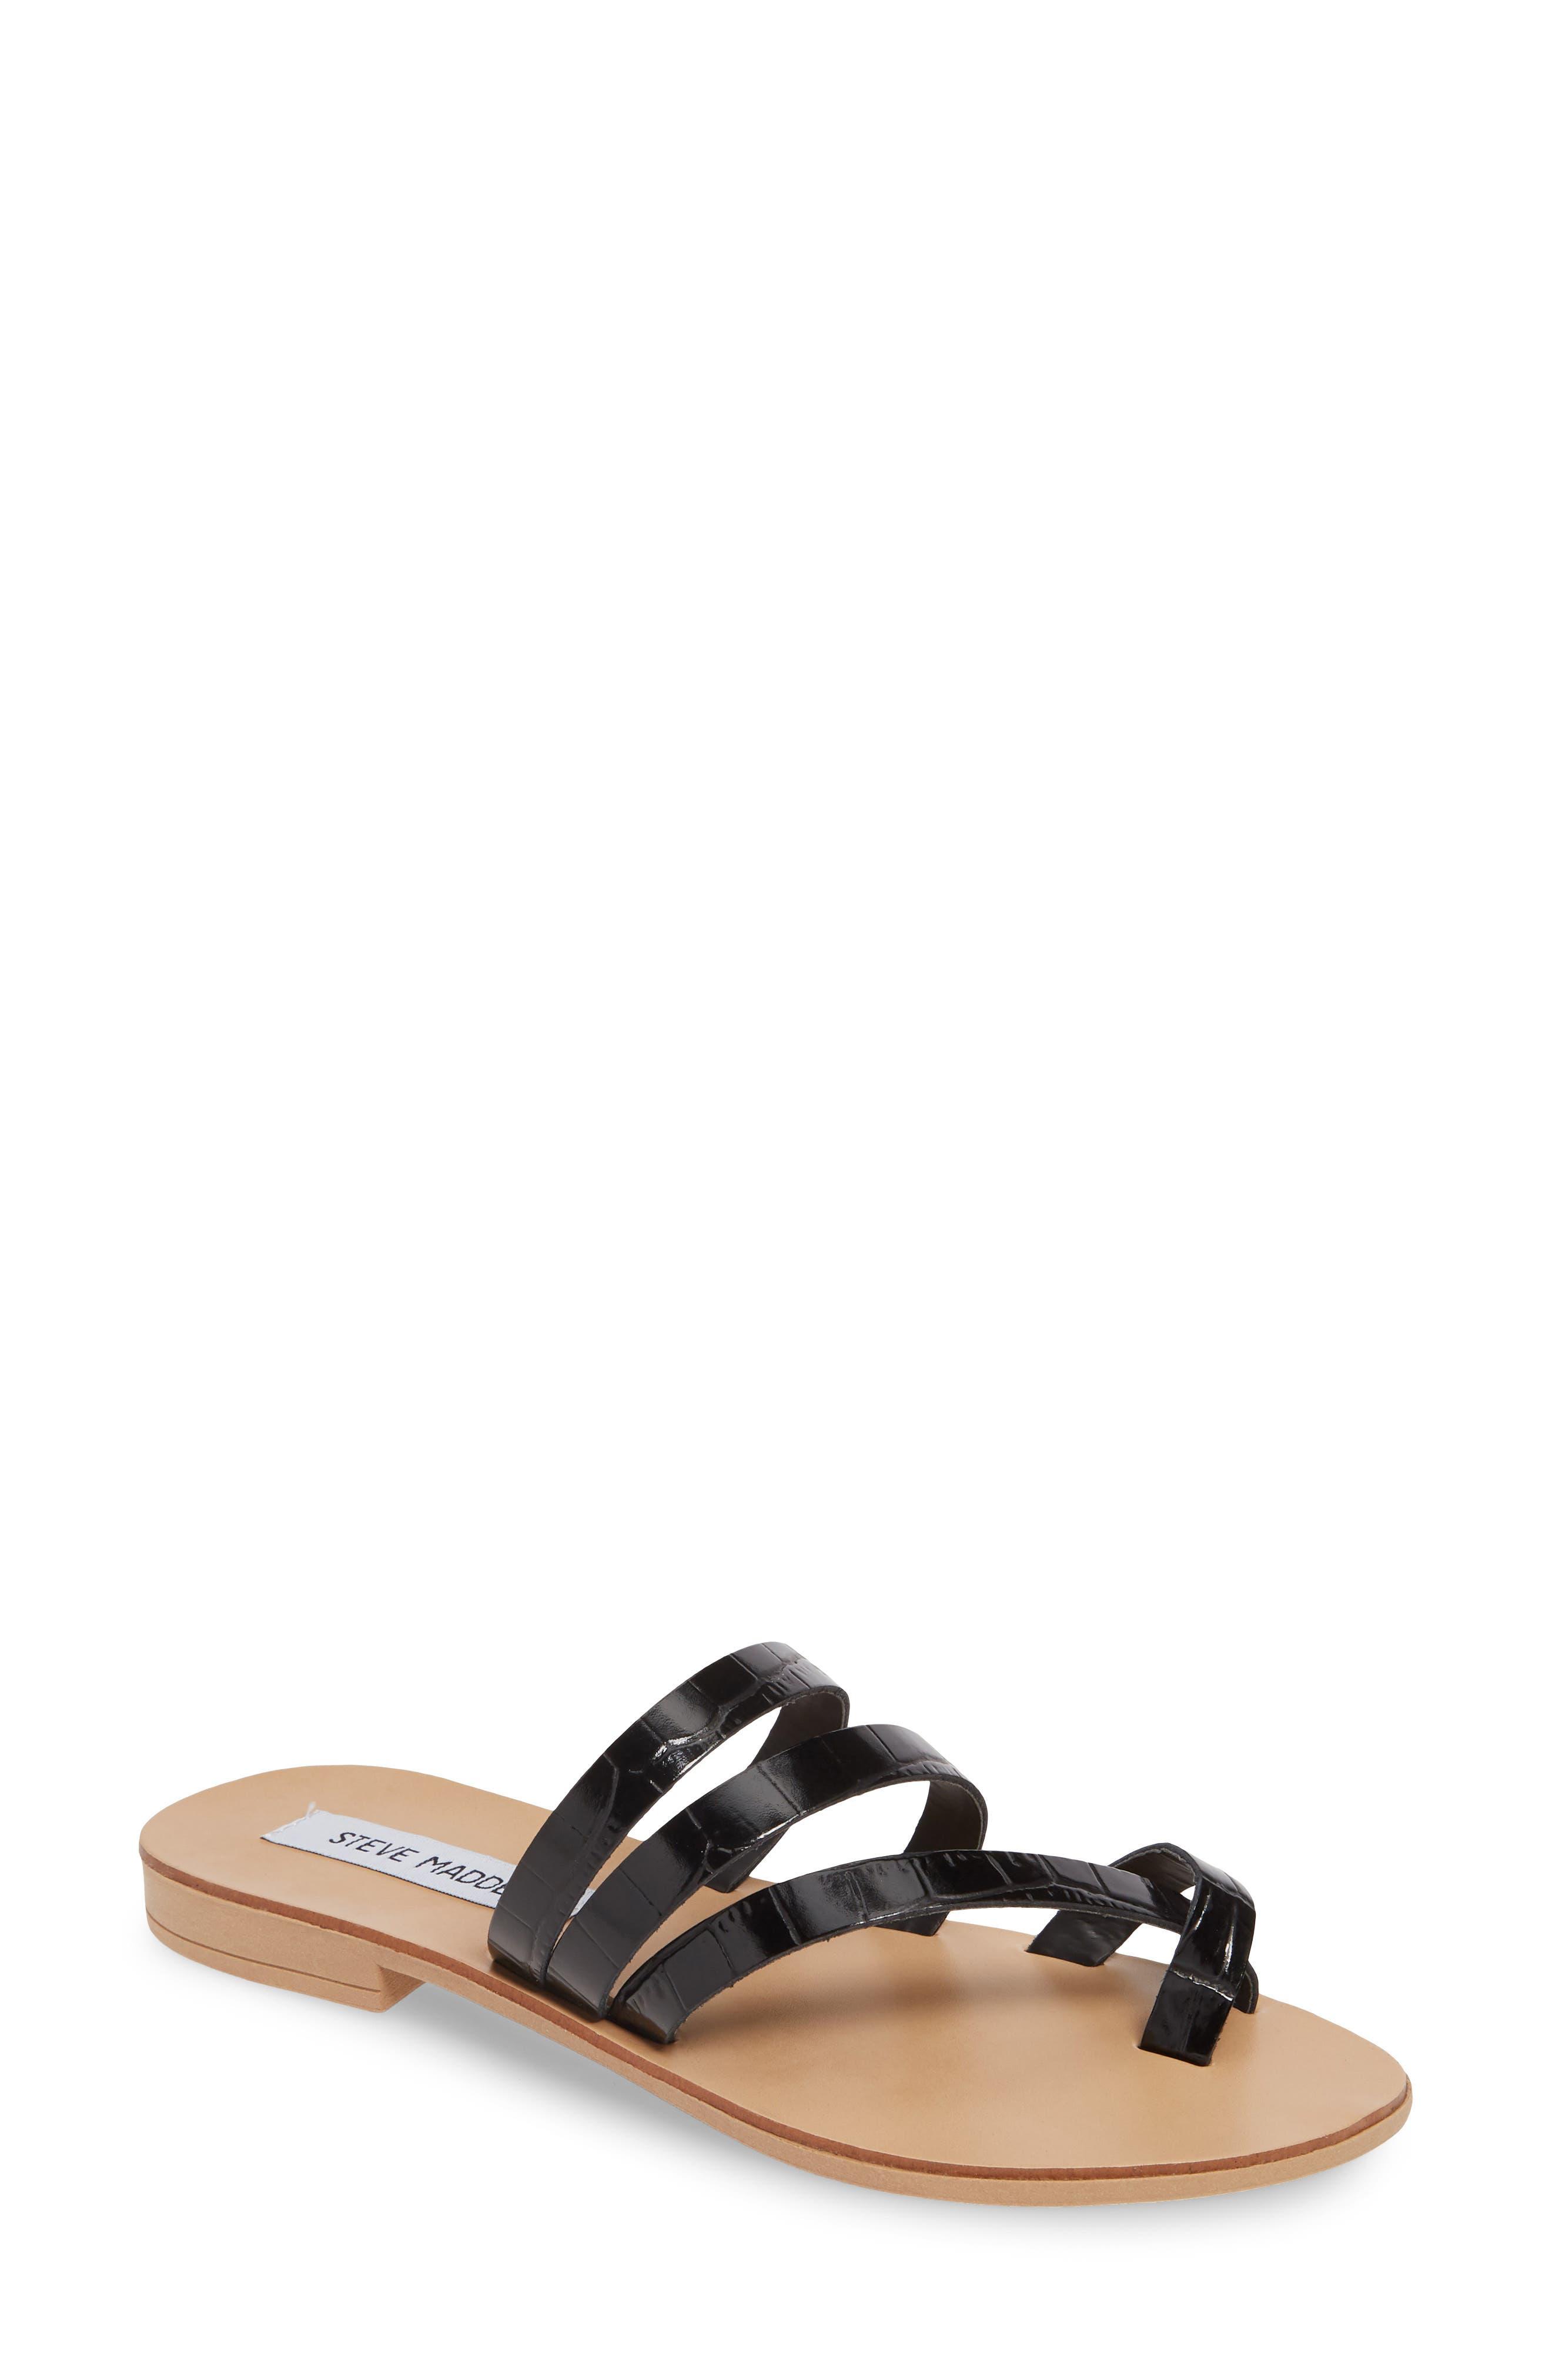 Steve Madden Ringtone Slide Sandal, Black